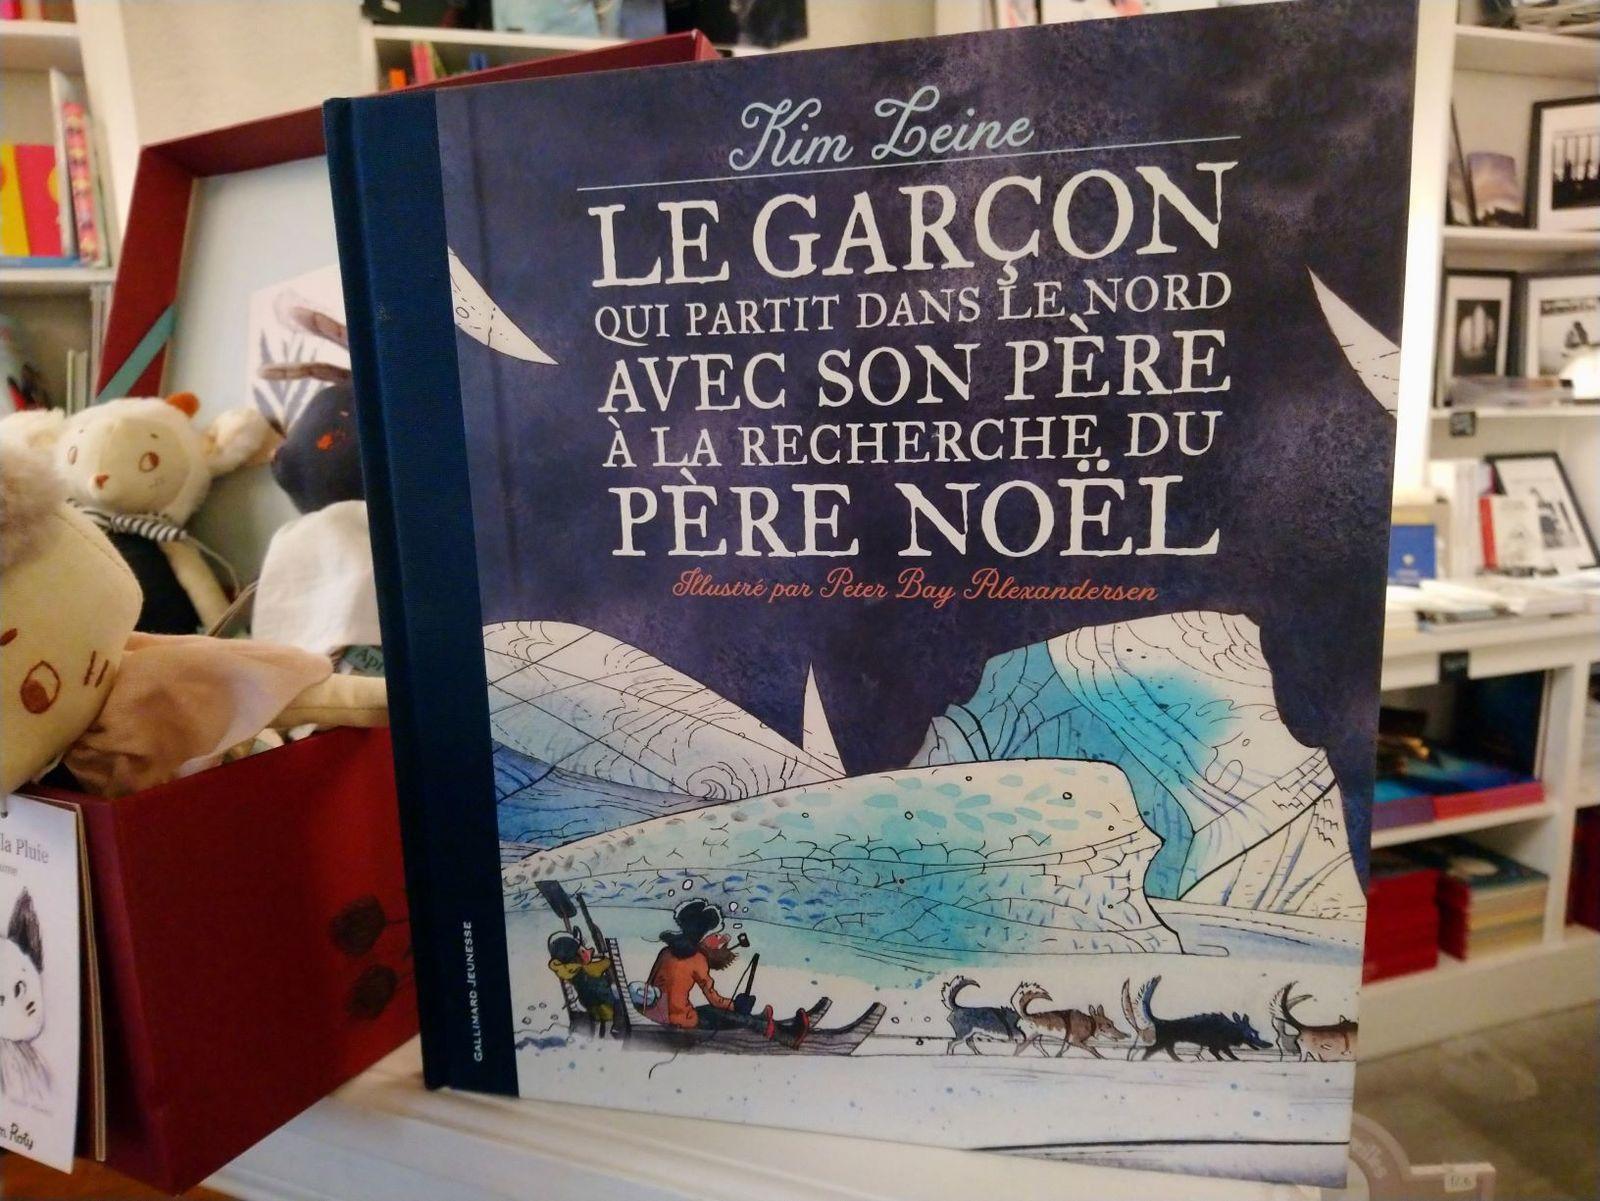 Le garçon qui partit dans le nord avec son père à la recherche du Père Noël, de Kim Leine et Peter Bay Alexandersen, Gallimard Jeunesse, 17,50 Euros - Dès 8 ans